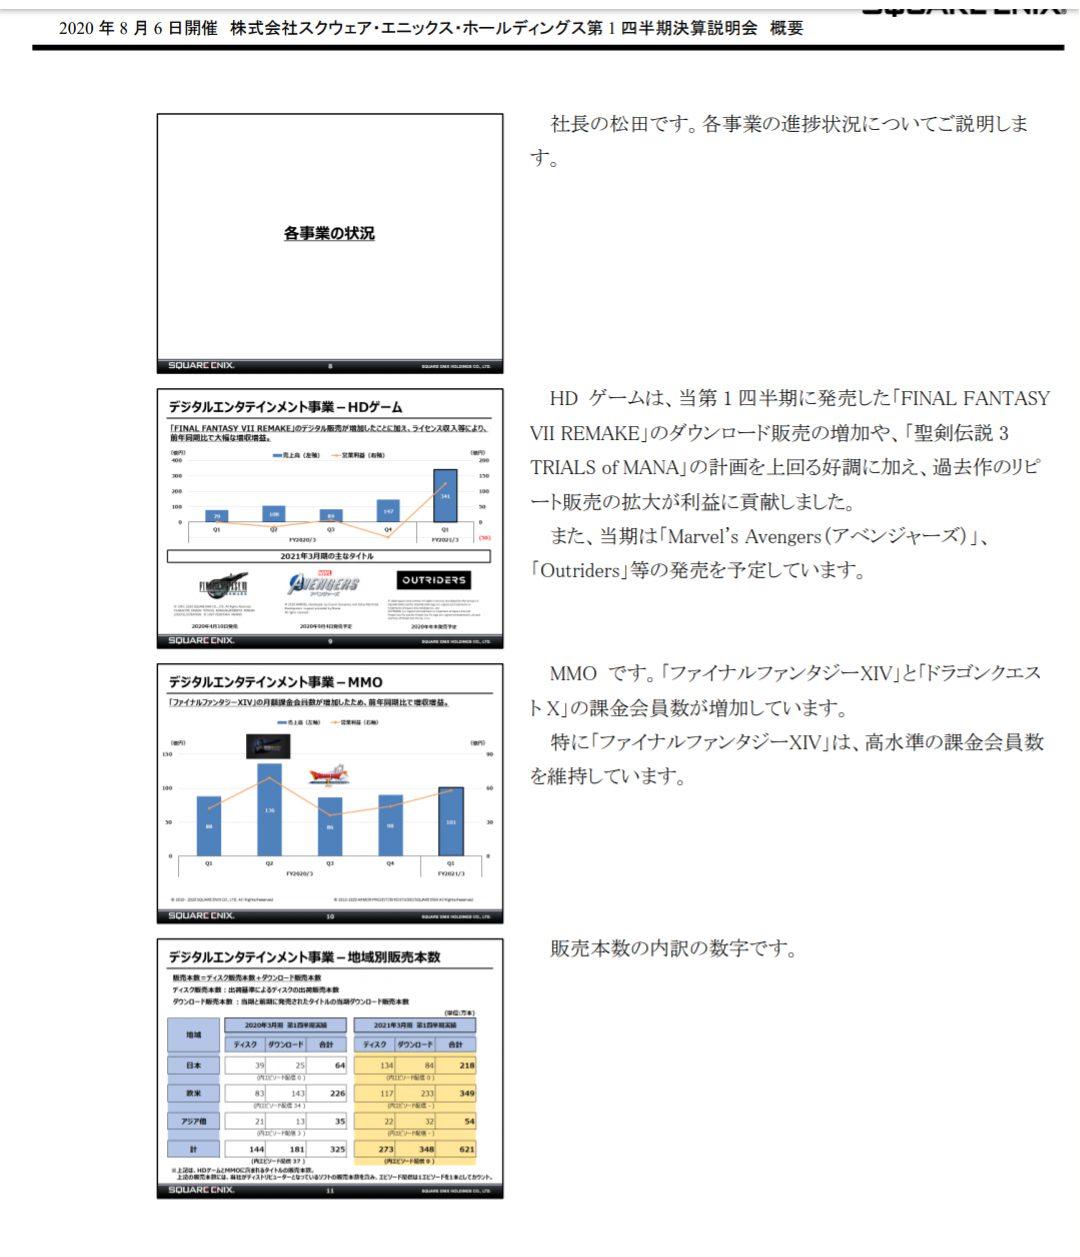 dotup.org2234639 - 【決着】松田社長「DQ10とFF14の課金会員数について、FF14は高水準の課金会員数を維持出来ている」